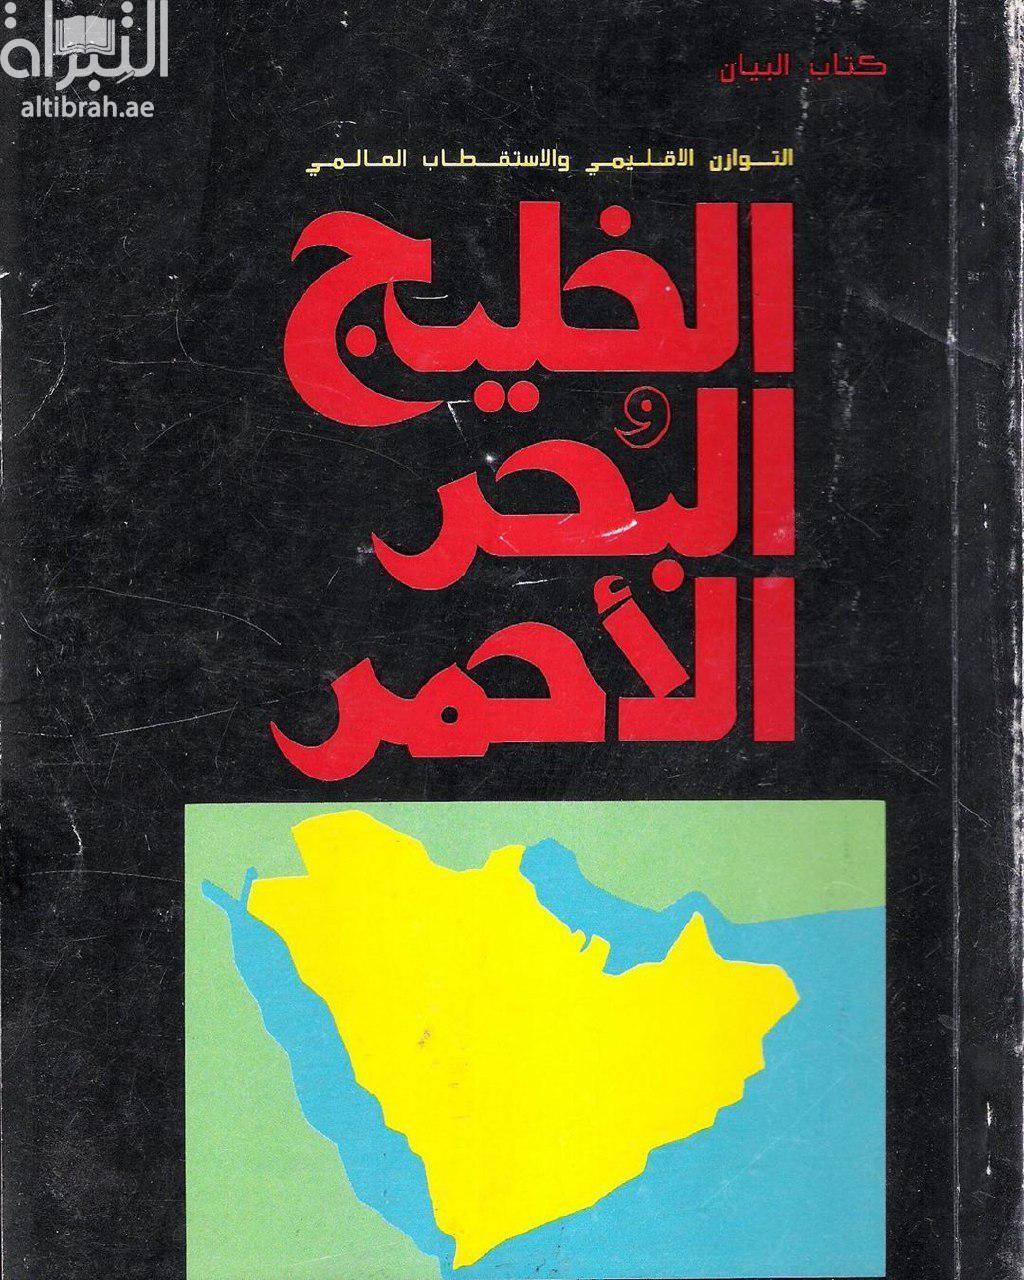 الخليج والبحر الأحمر : التوازن الإقليمي والإستقطاب العالمي